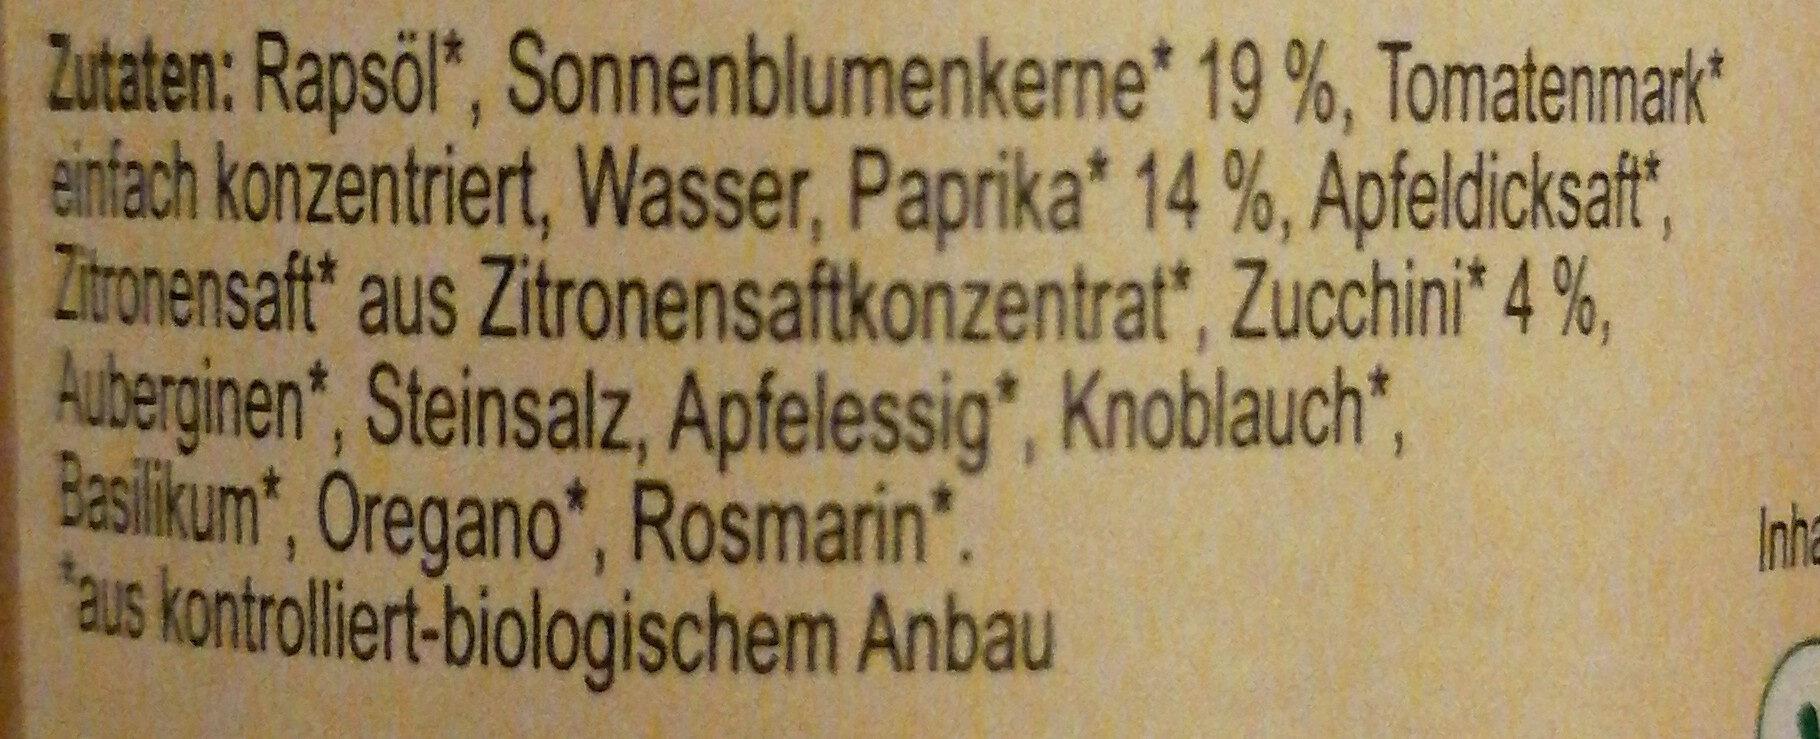 Zwergenwiese Papucchini Brotaufstrich - Inhaltsstoffe - de